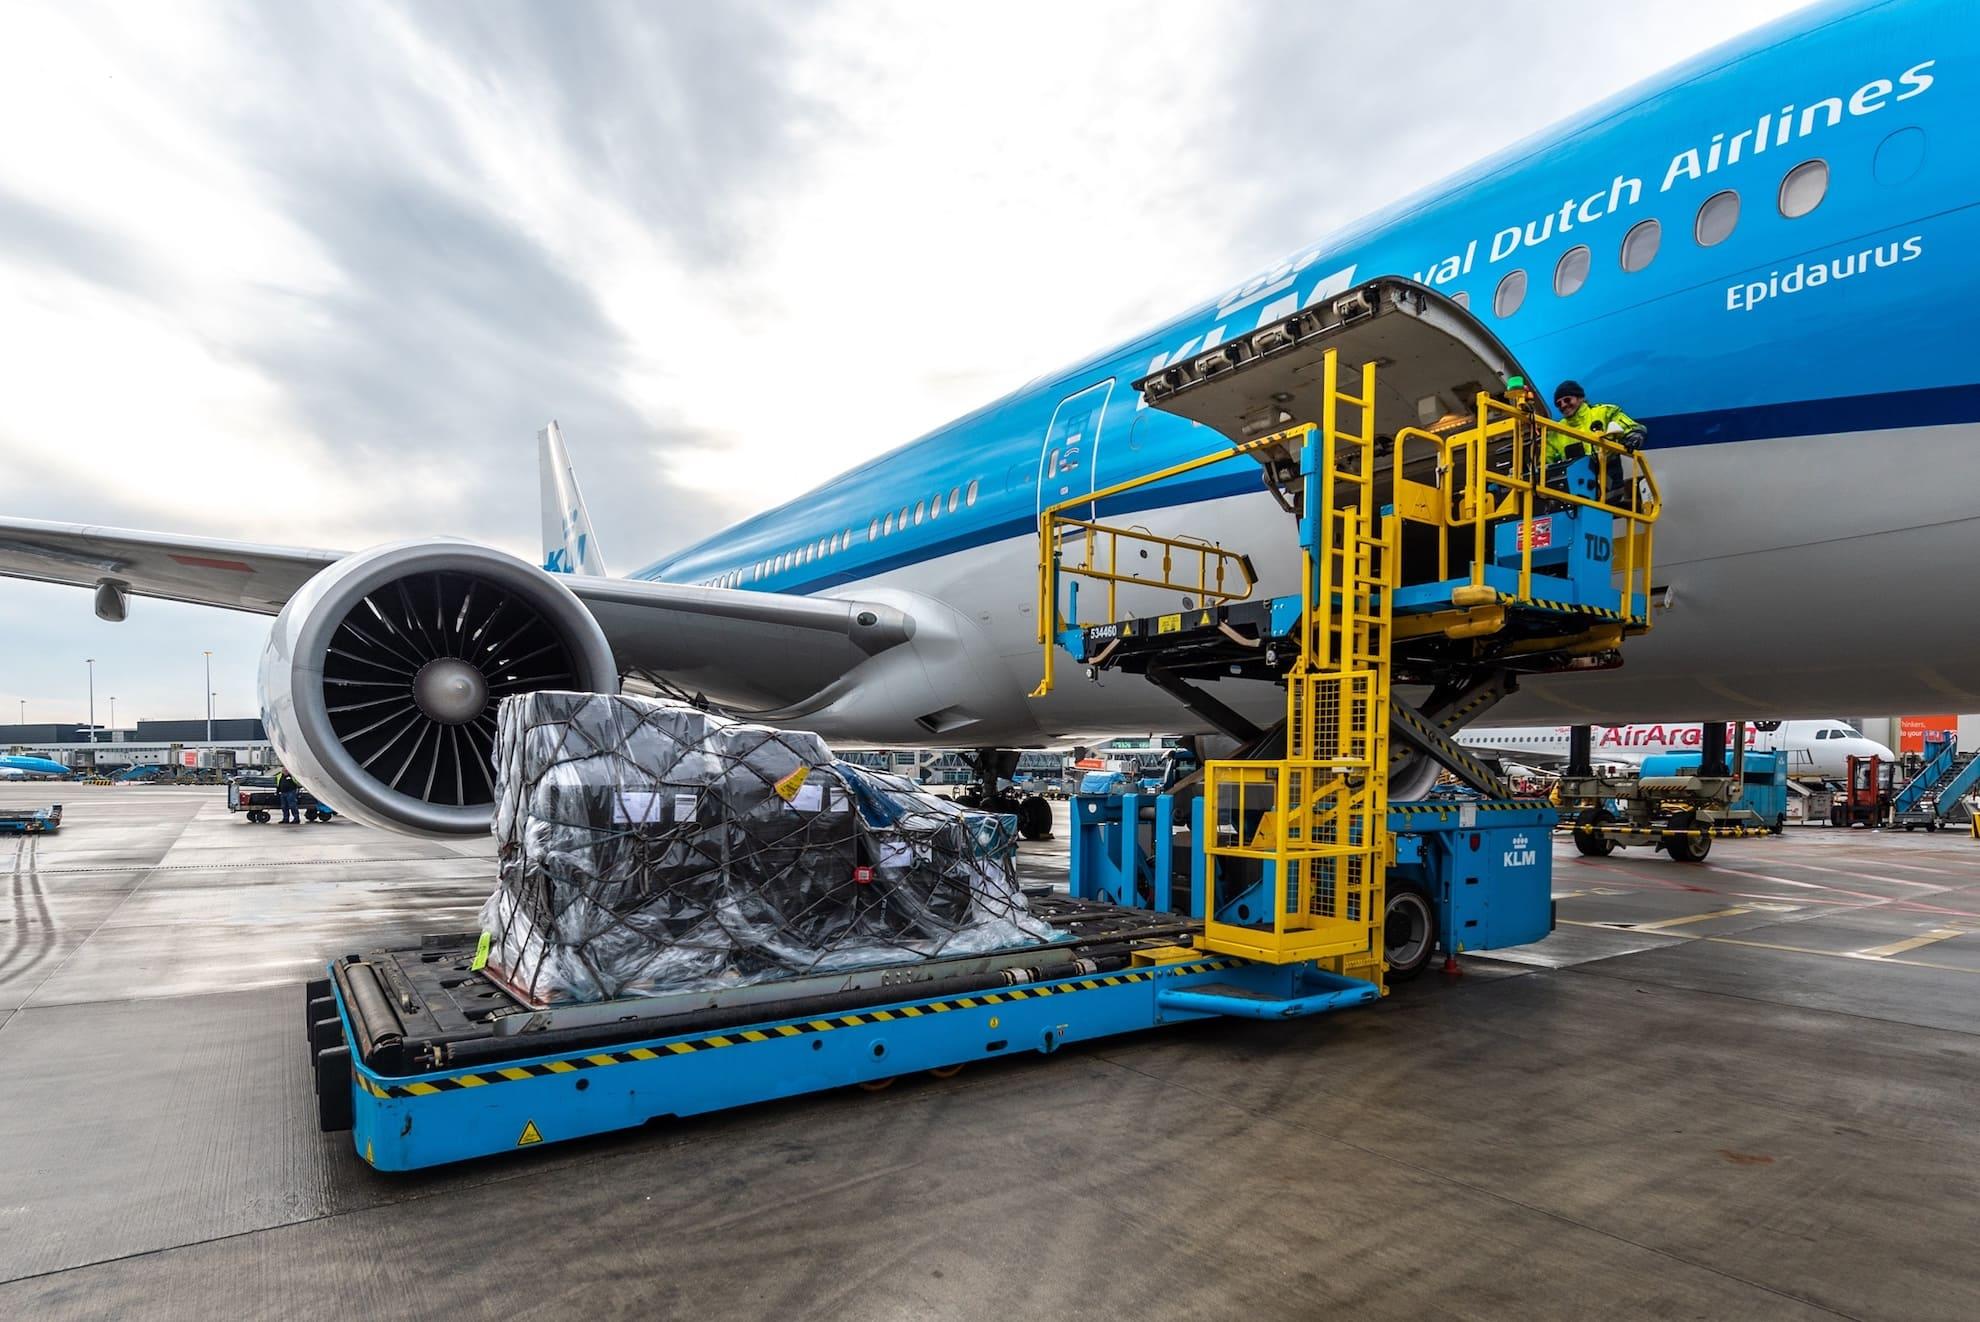 Chargement d'une soute cargo d'un avion KLM